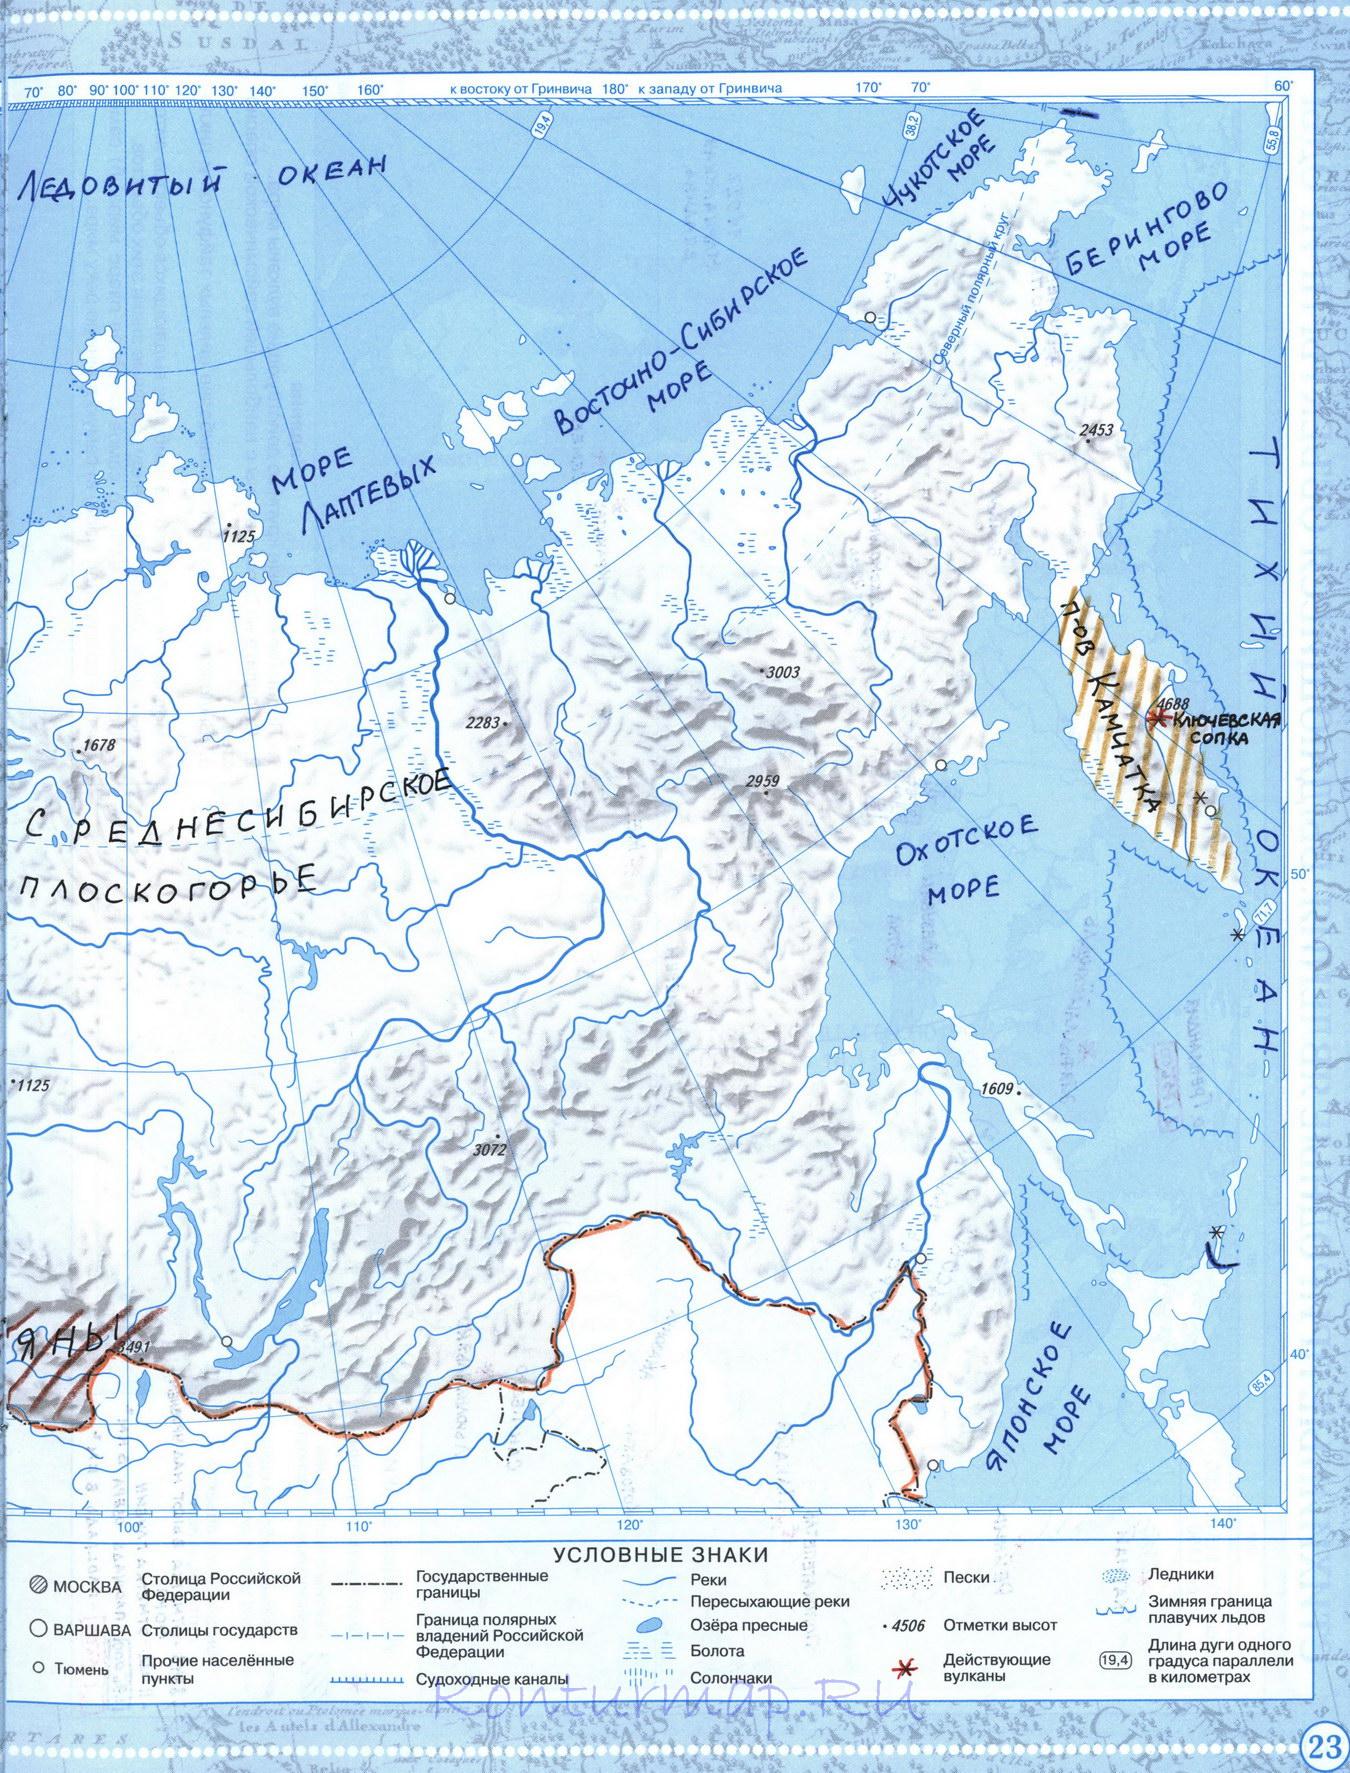 Гдз по географии 6 класс по контурным картам обозначить все вулканы